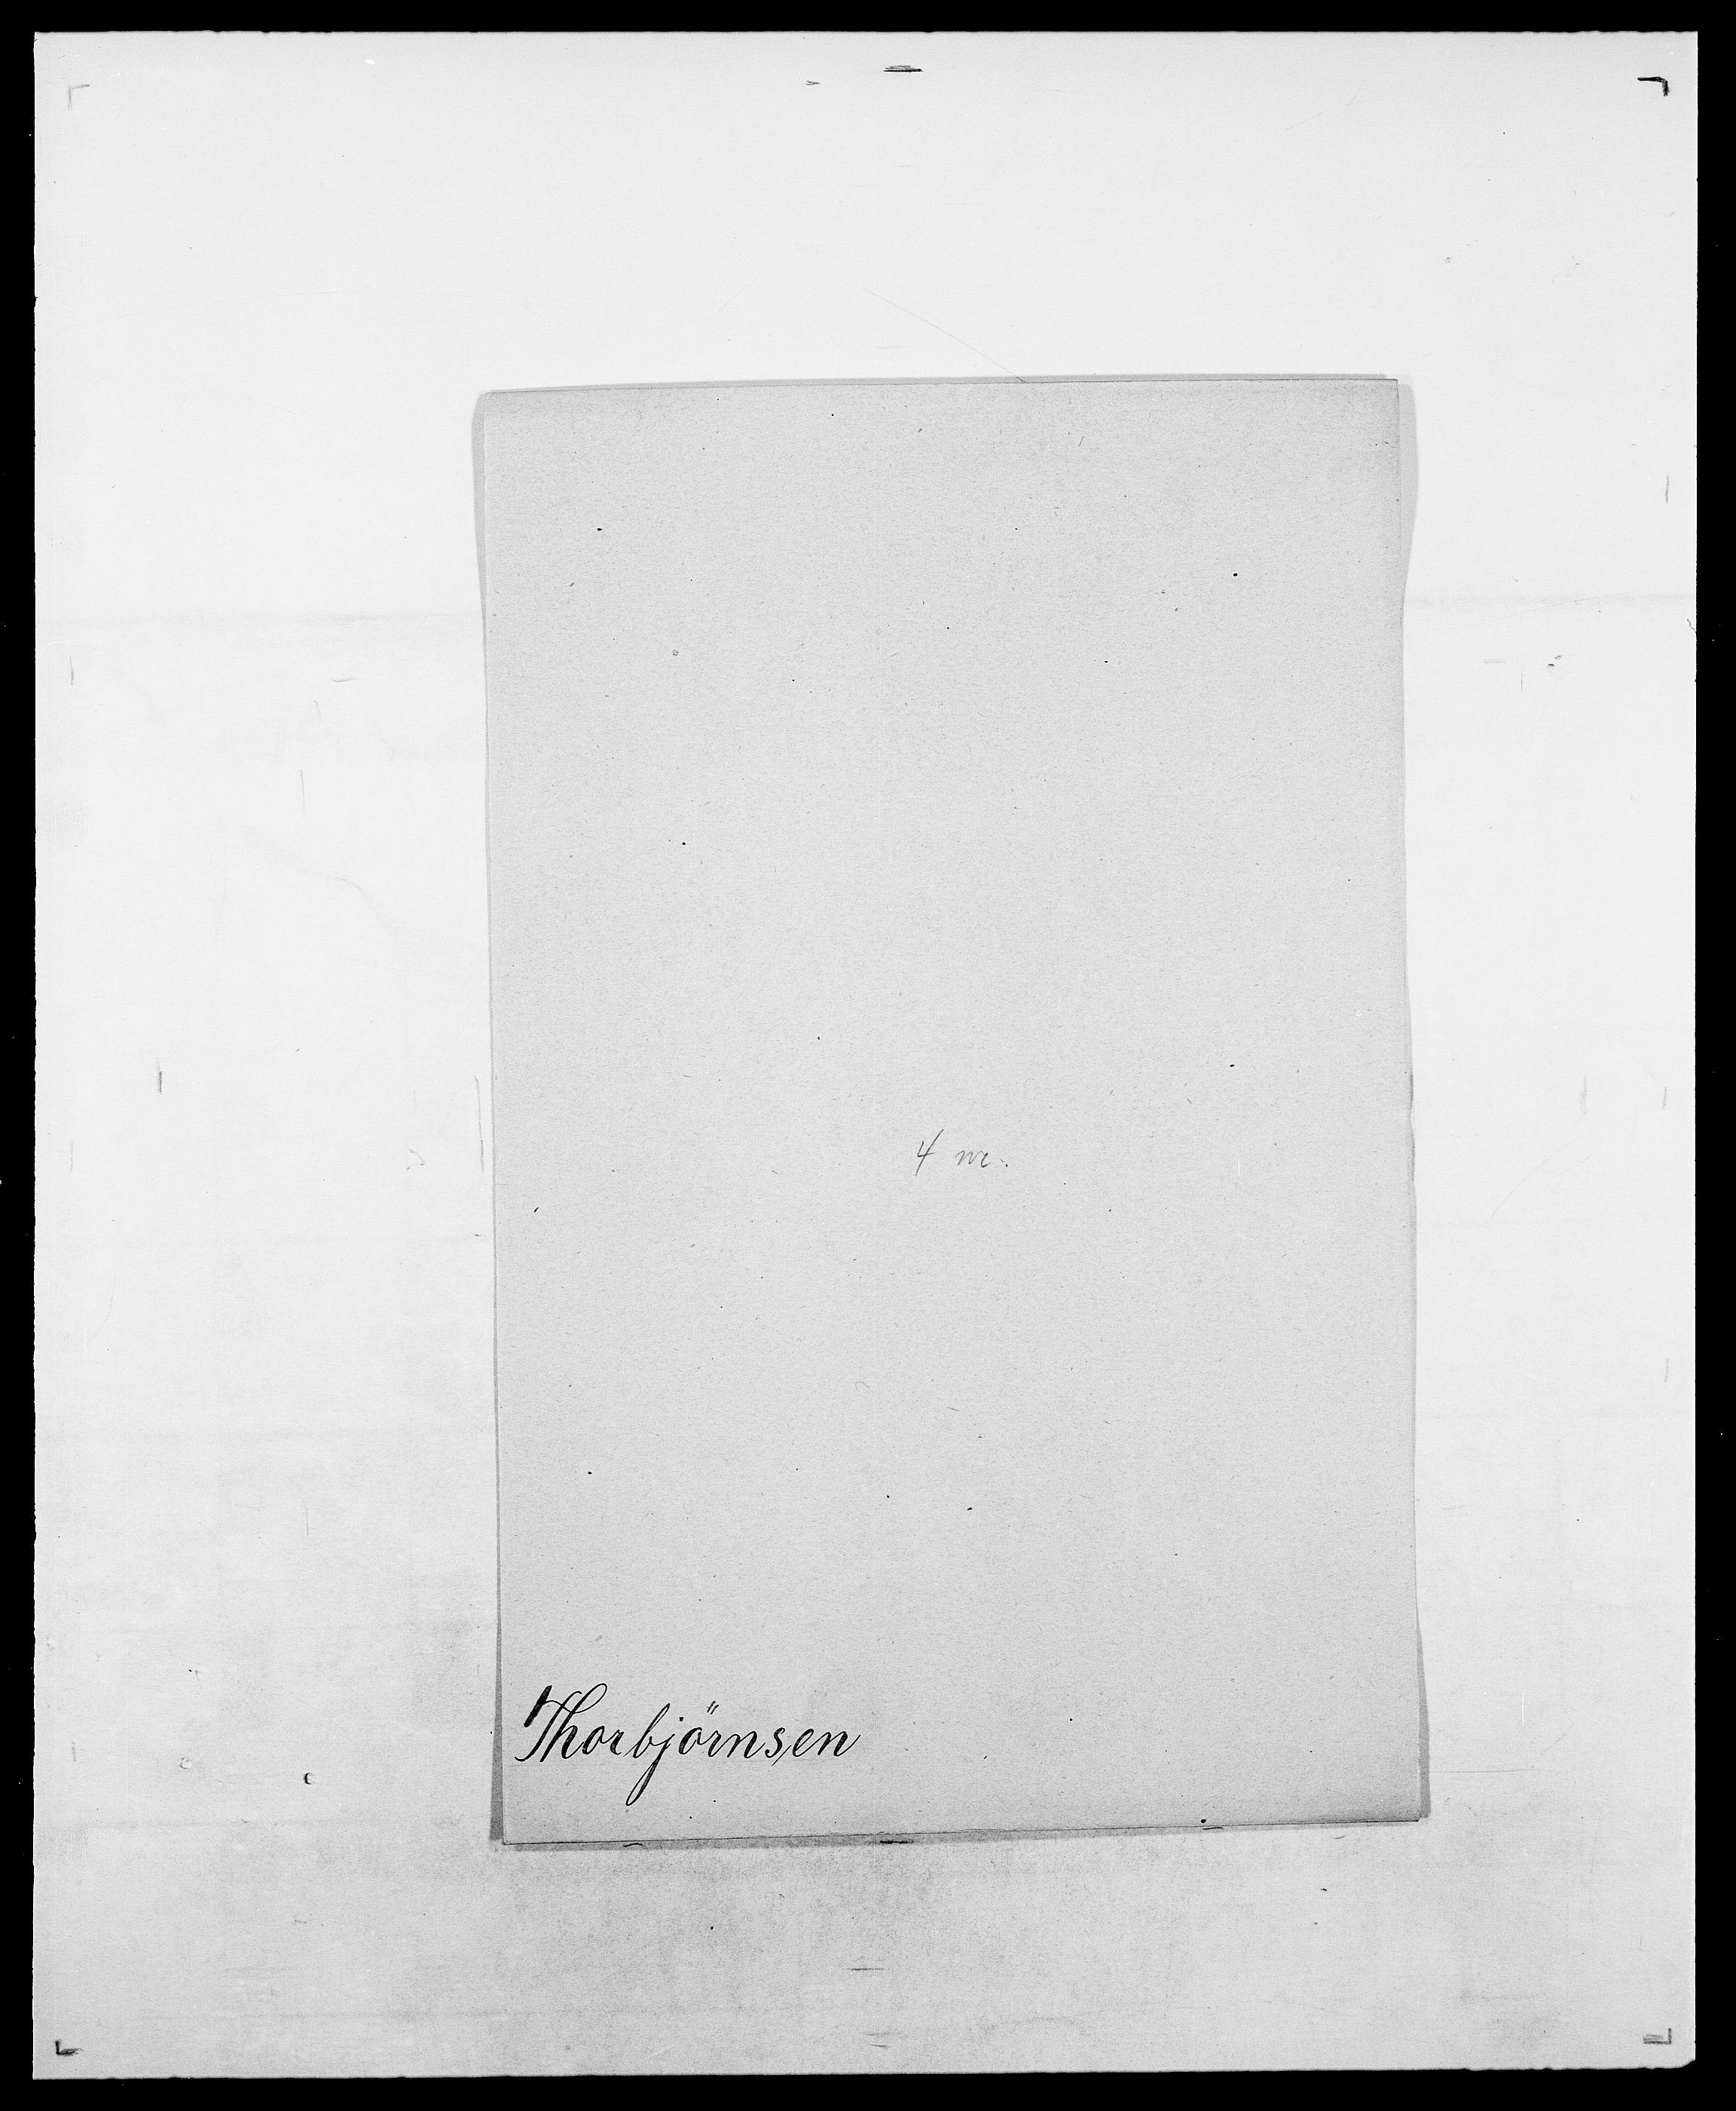 SAO, Delgobe, Charles Antoine - samling, D/Da/L0038: Svanenskjold - Thornsohn, s. 832